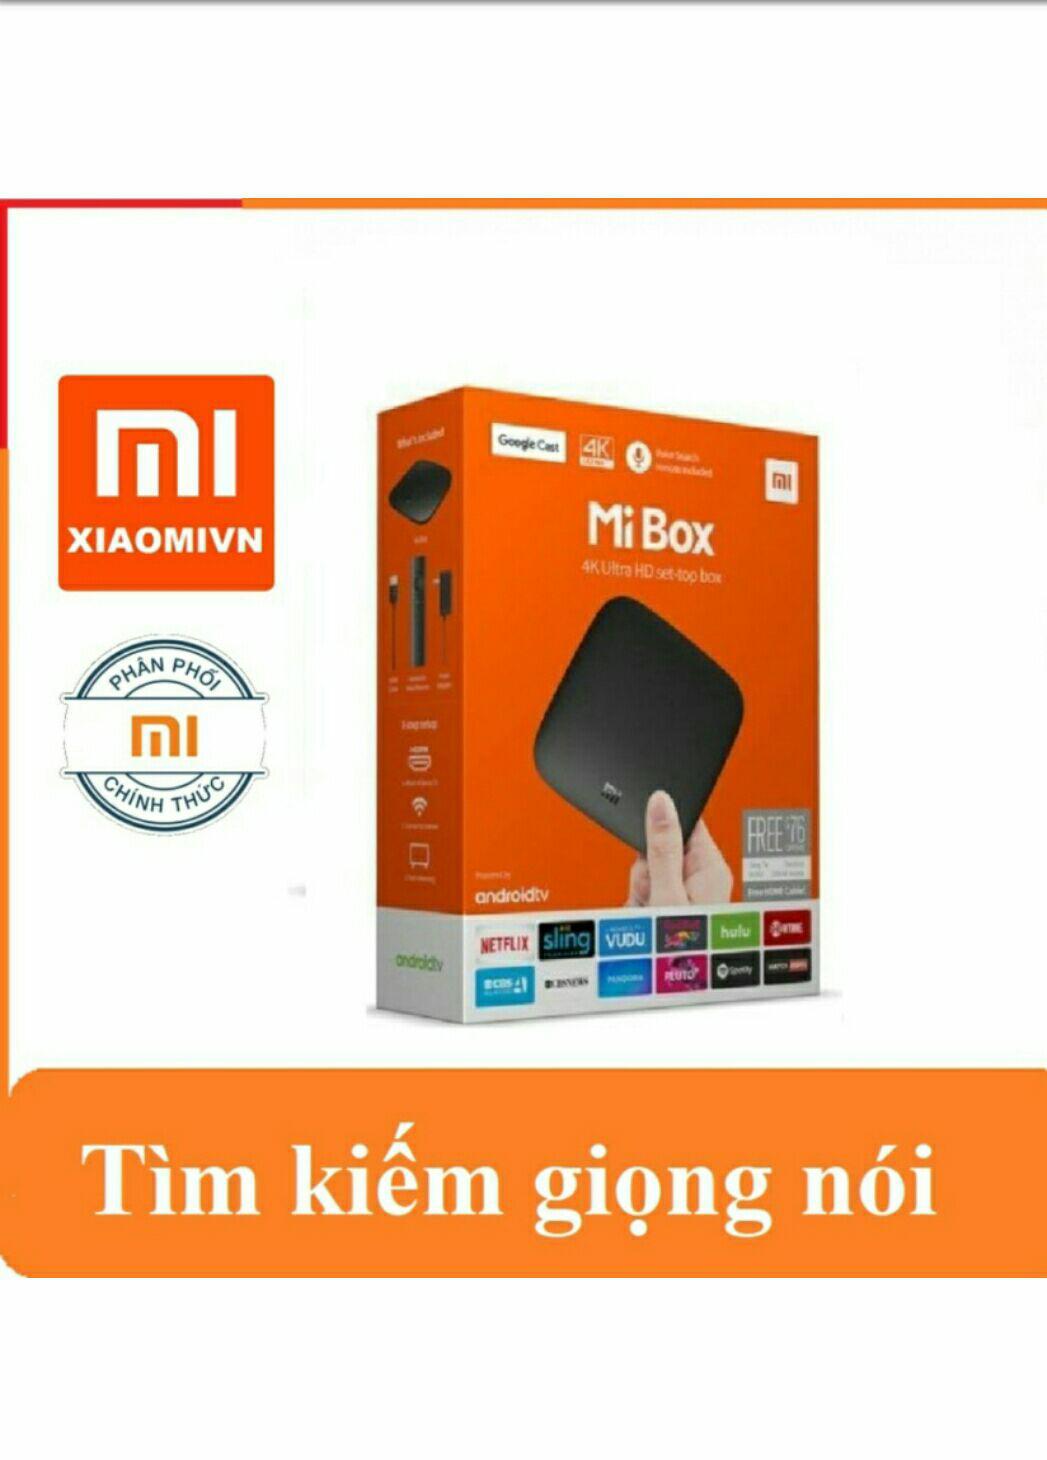 Bảng giá Android Tivi Mi box 4k phiên bản quốc tế ( tìm kiếm giọng nói )